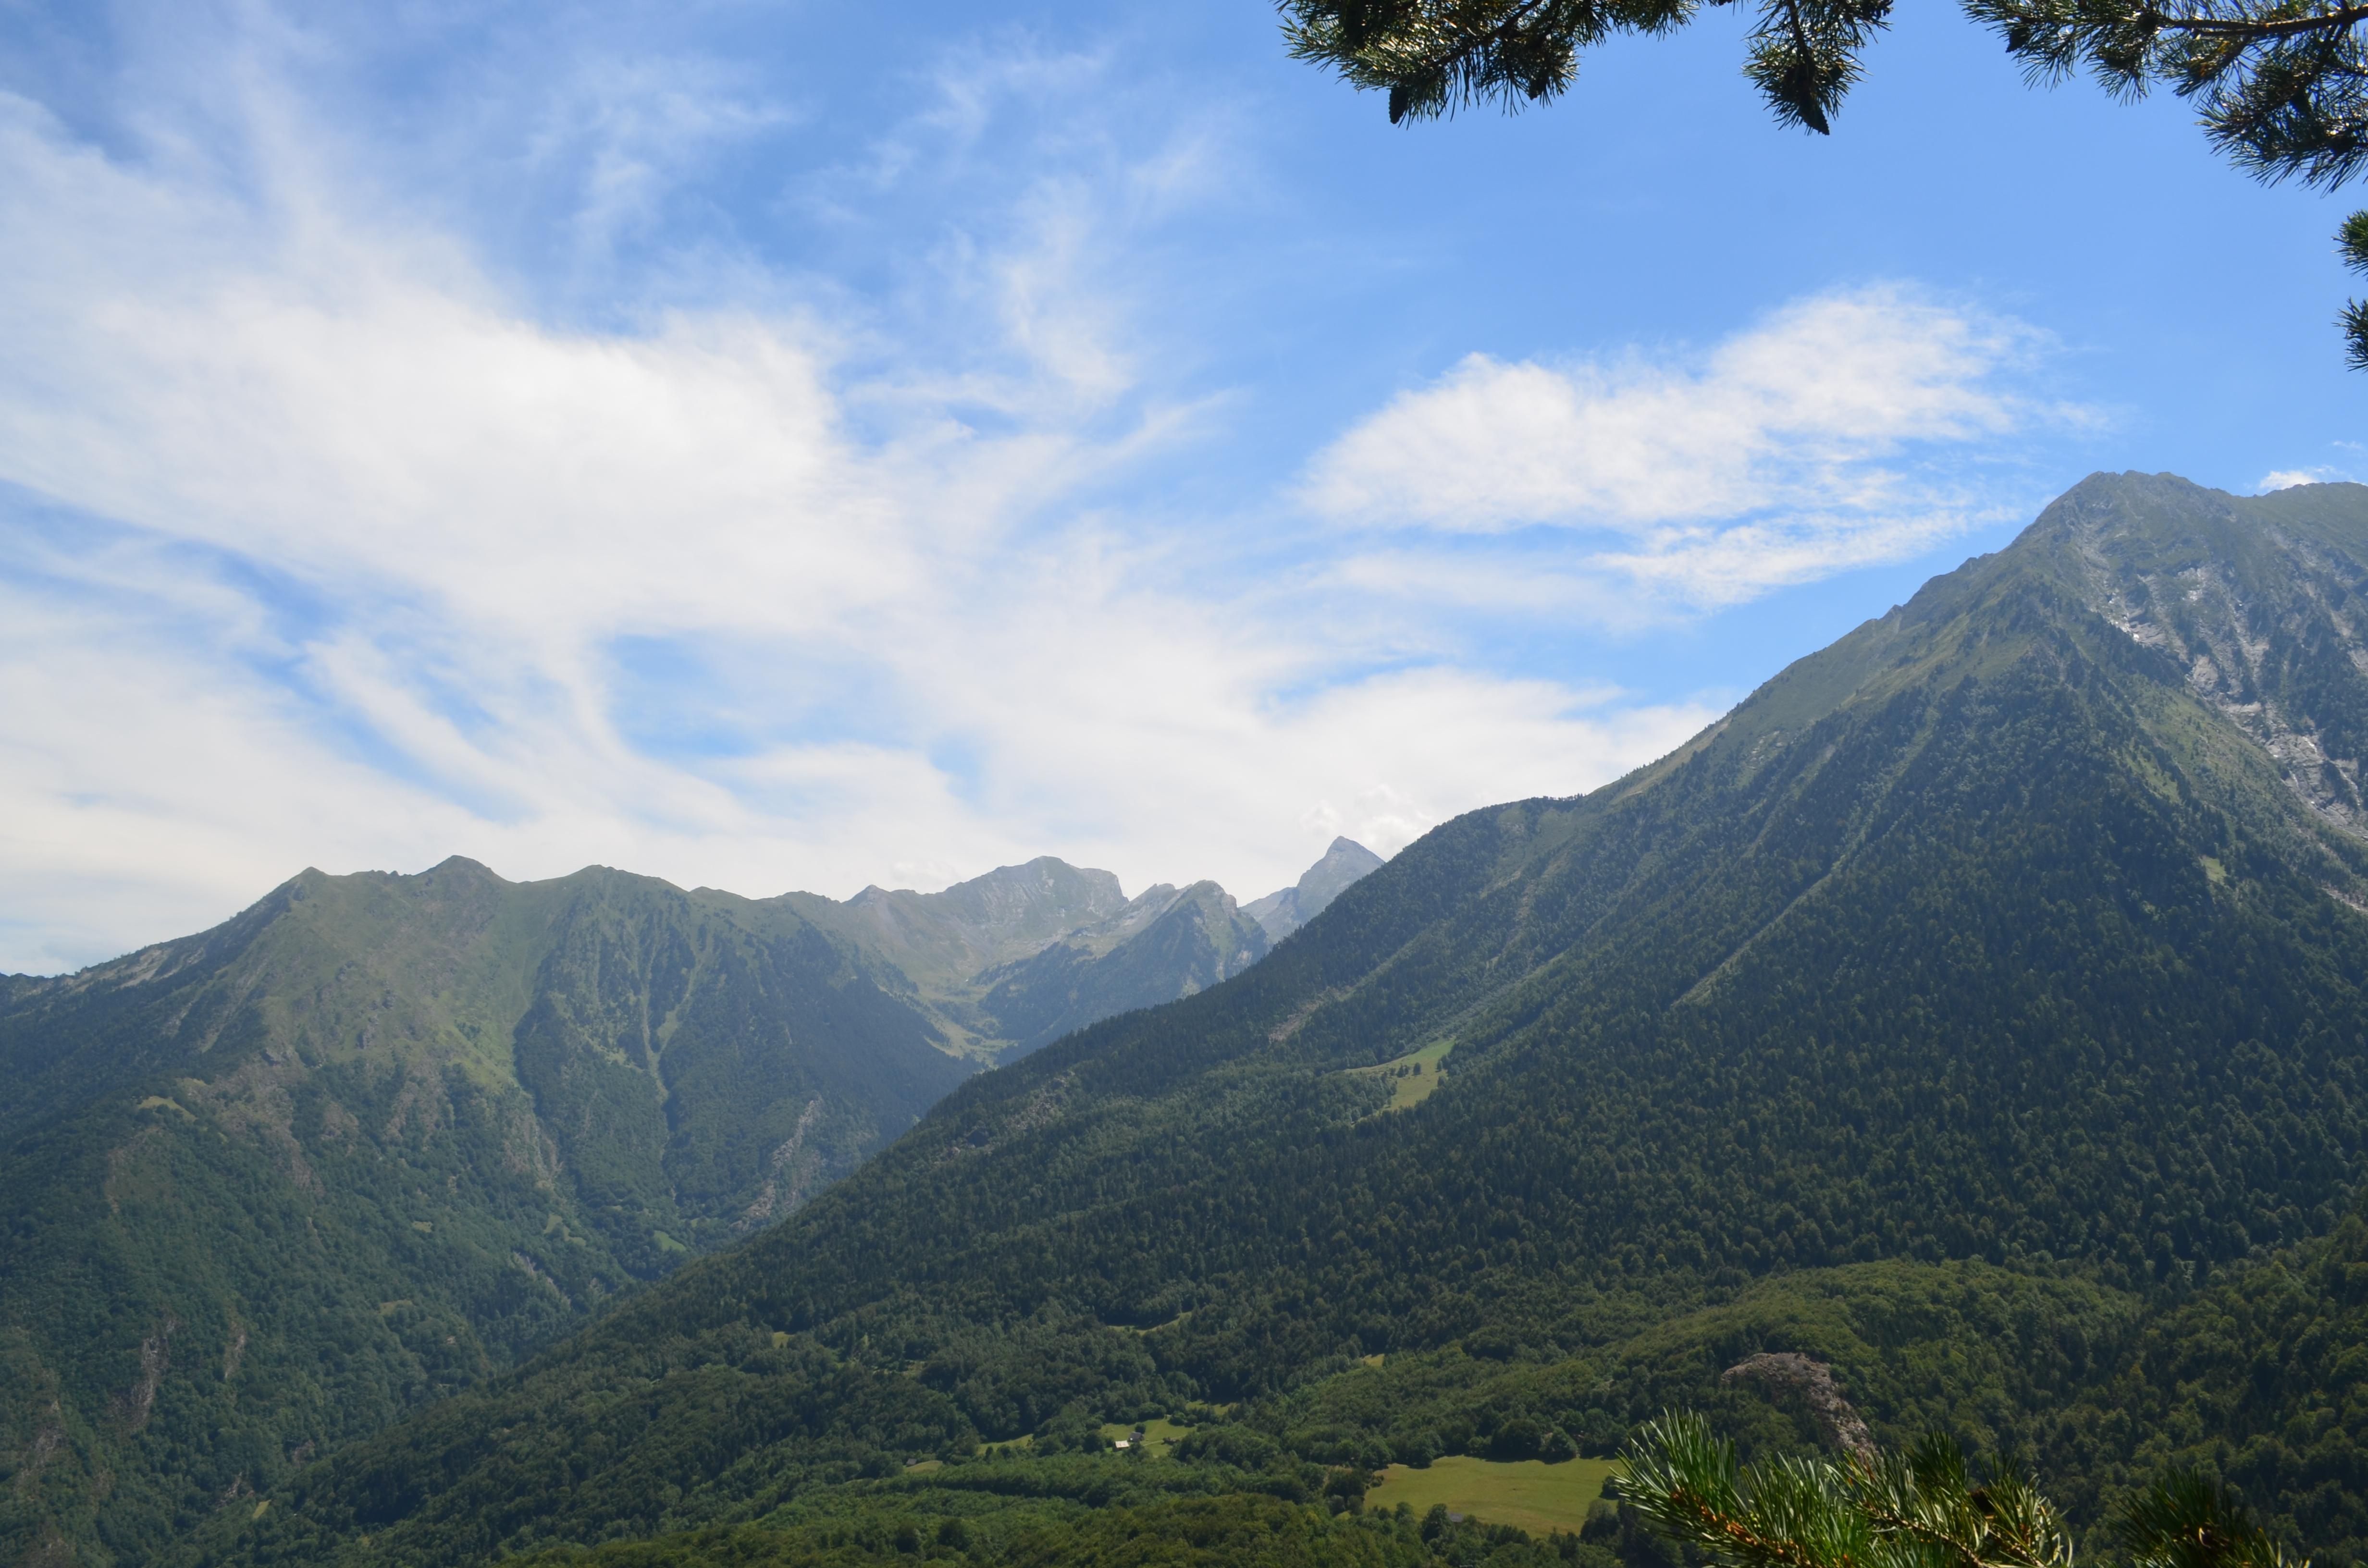 Randonnée au dessus de Saint-Lary : Sentiers de l'Auria et du Bedat